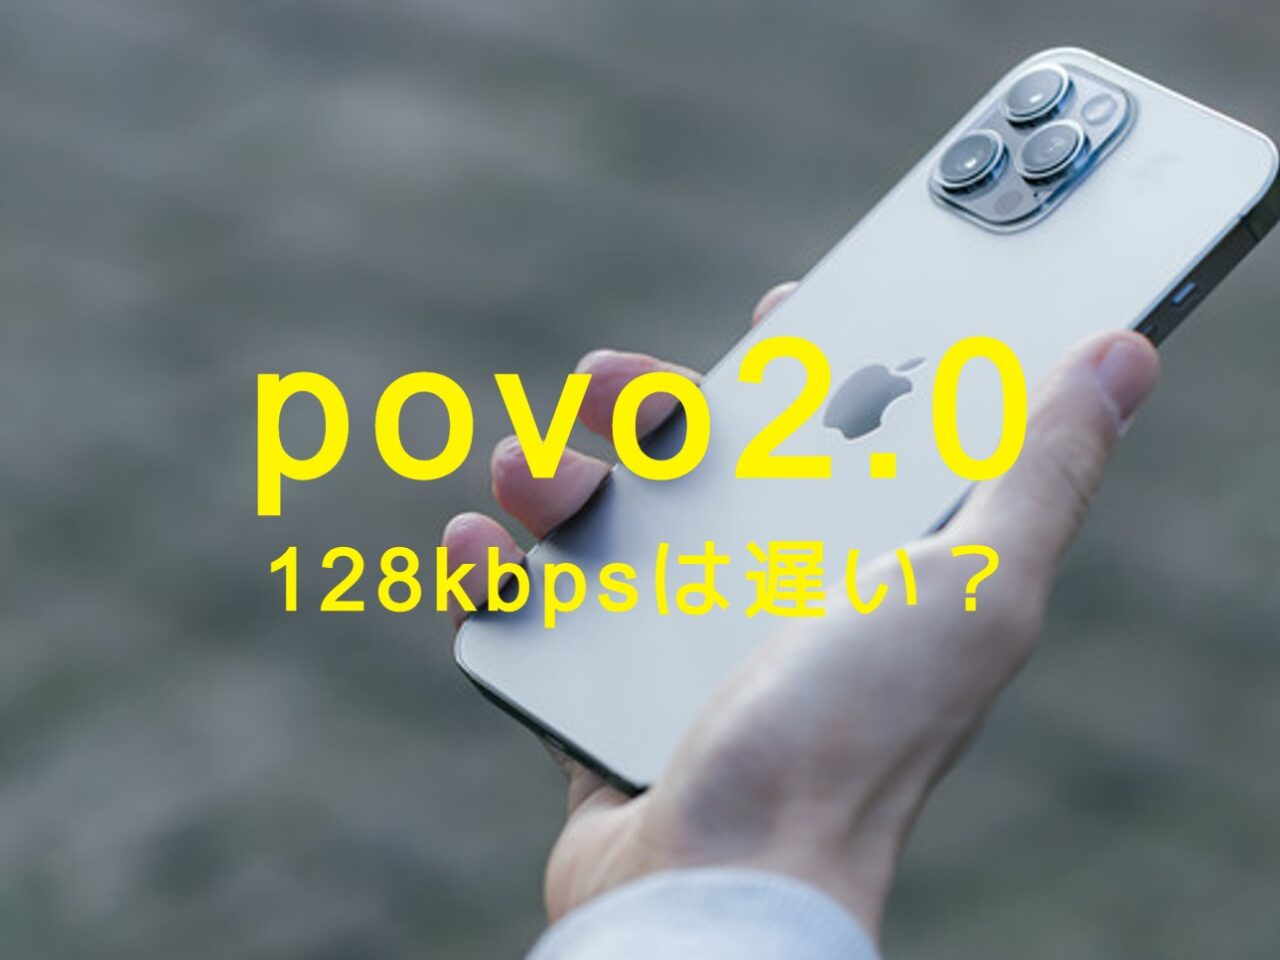 povo 2.0で128kbpsは遅い?他社の速度制限と比較して解説!のサムネイル画像